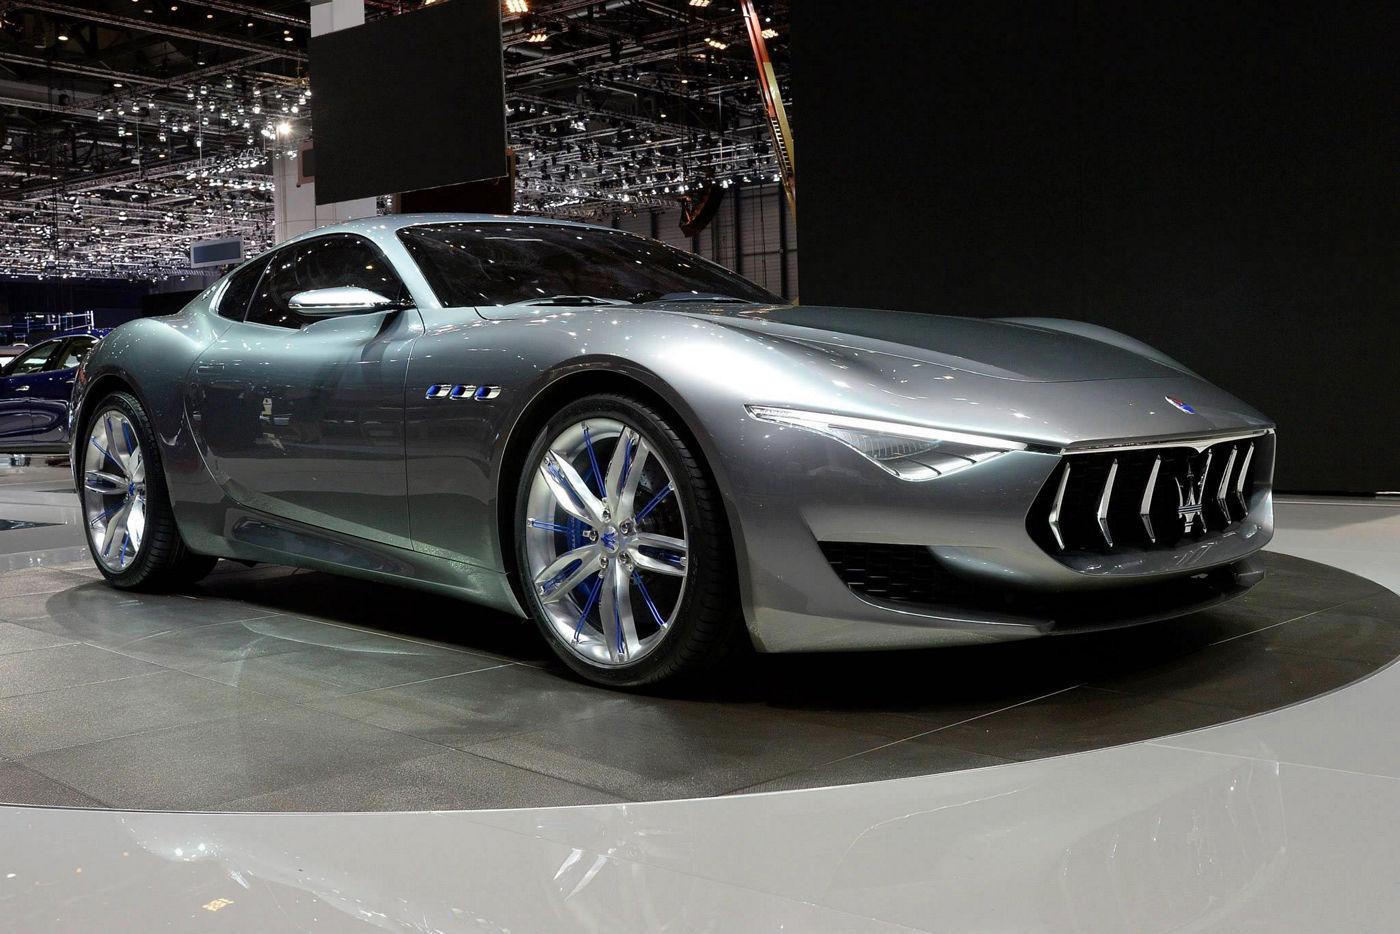 Maserati Alfieri Concept Car in esposizione, vista laterale frontale